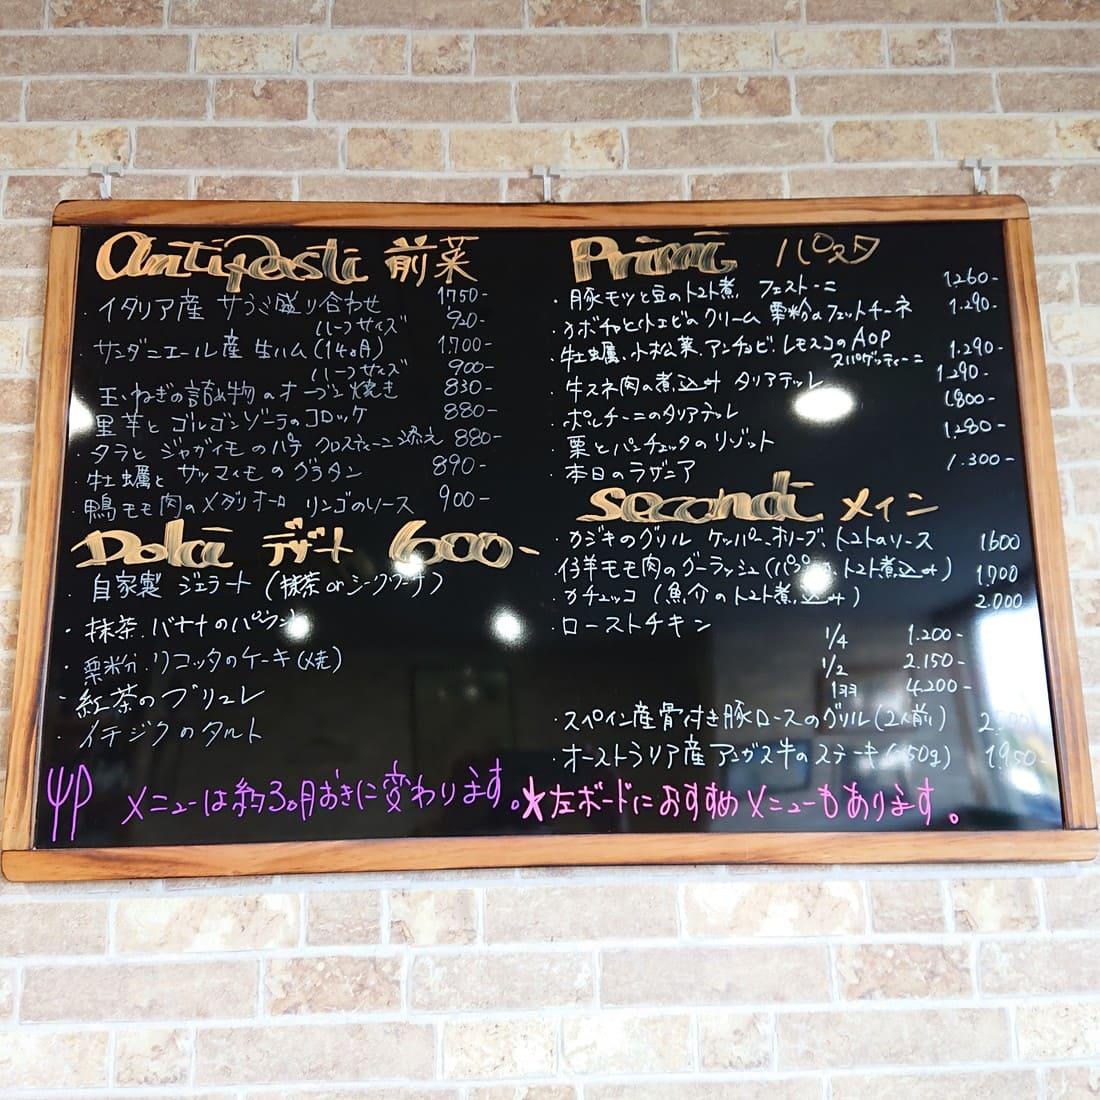 デザートメニューが書いてある黒板